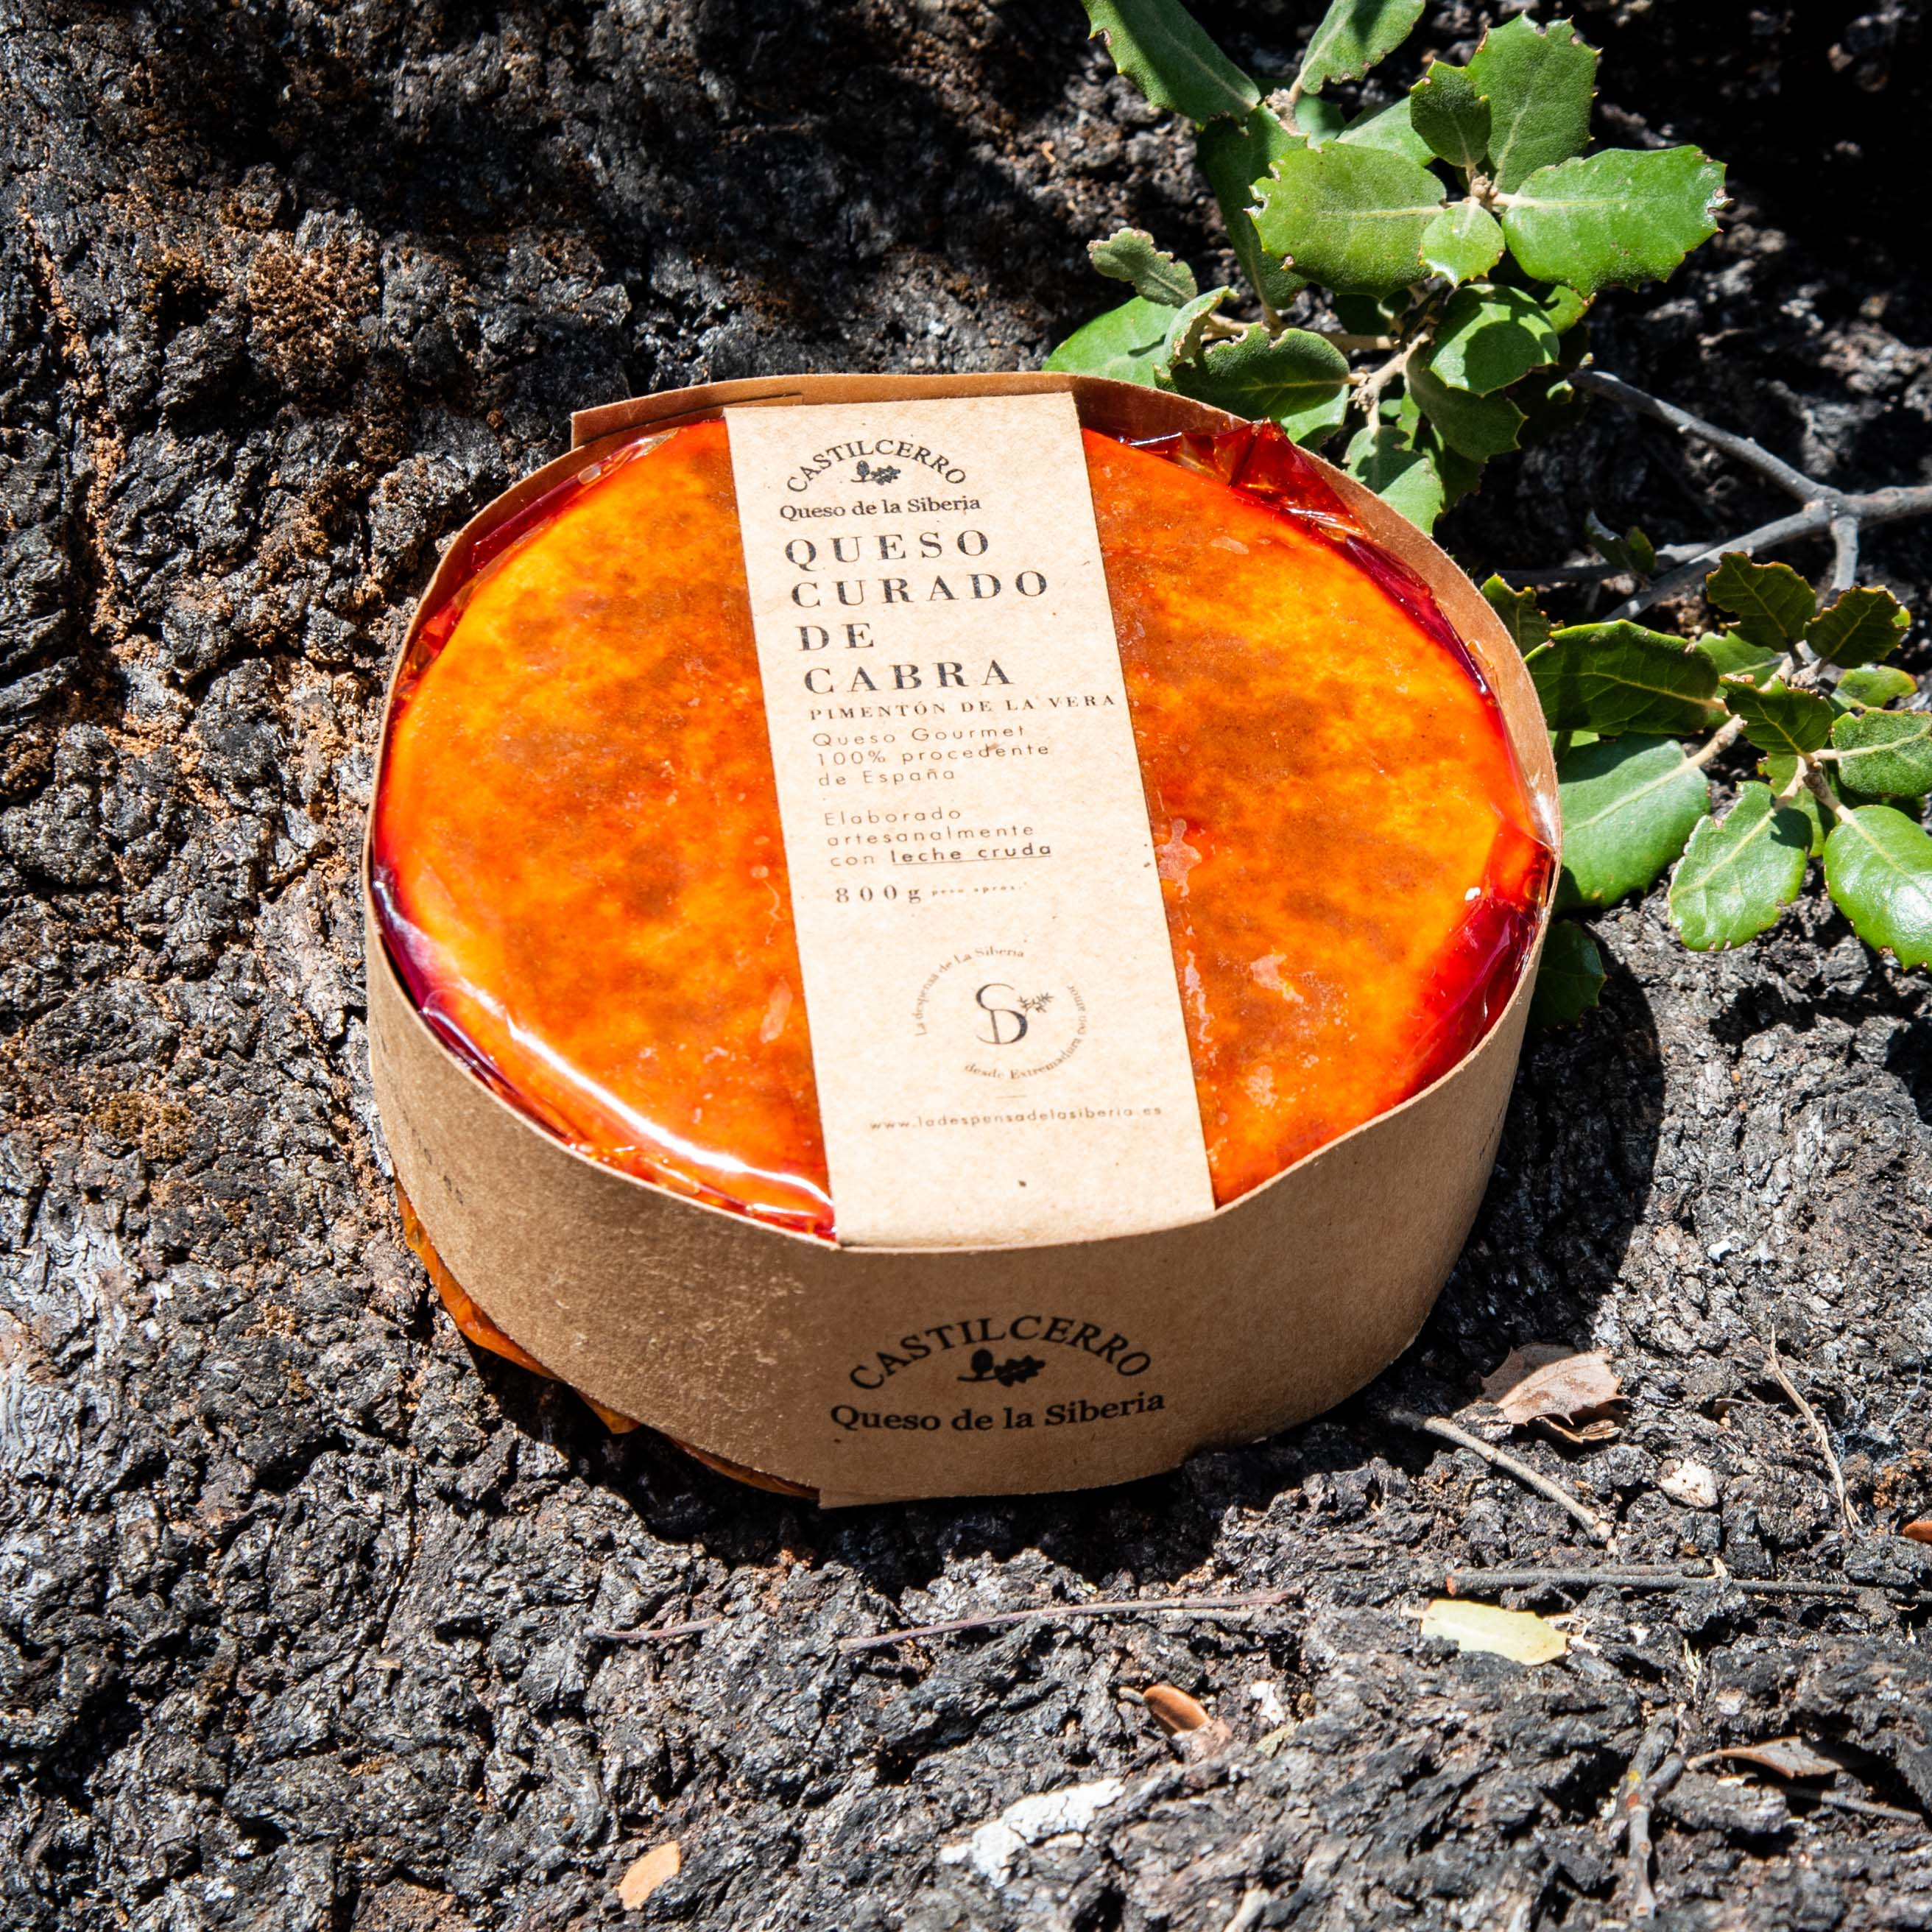 Queso de Cabra con pimentón de La Vera (cuarto, medio o entero) de La Despensa de La Siberia.